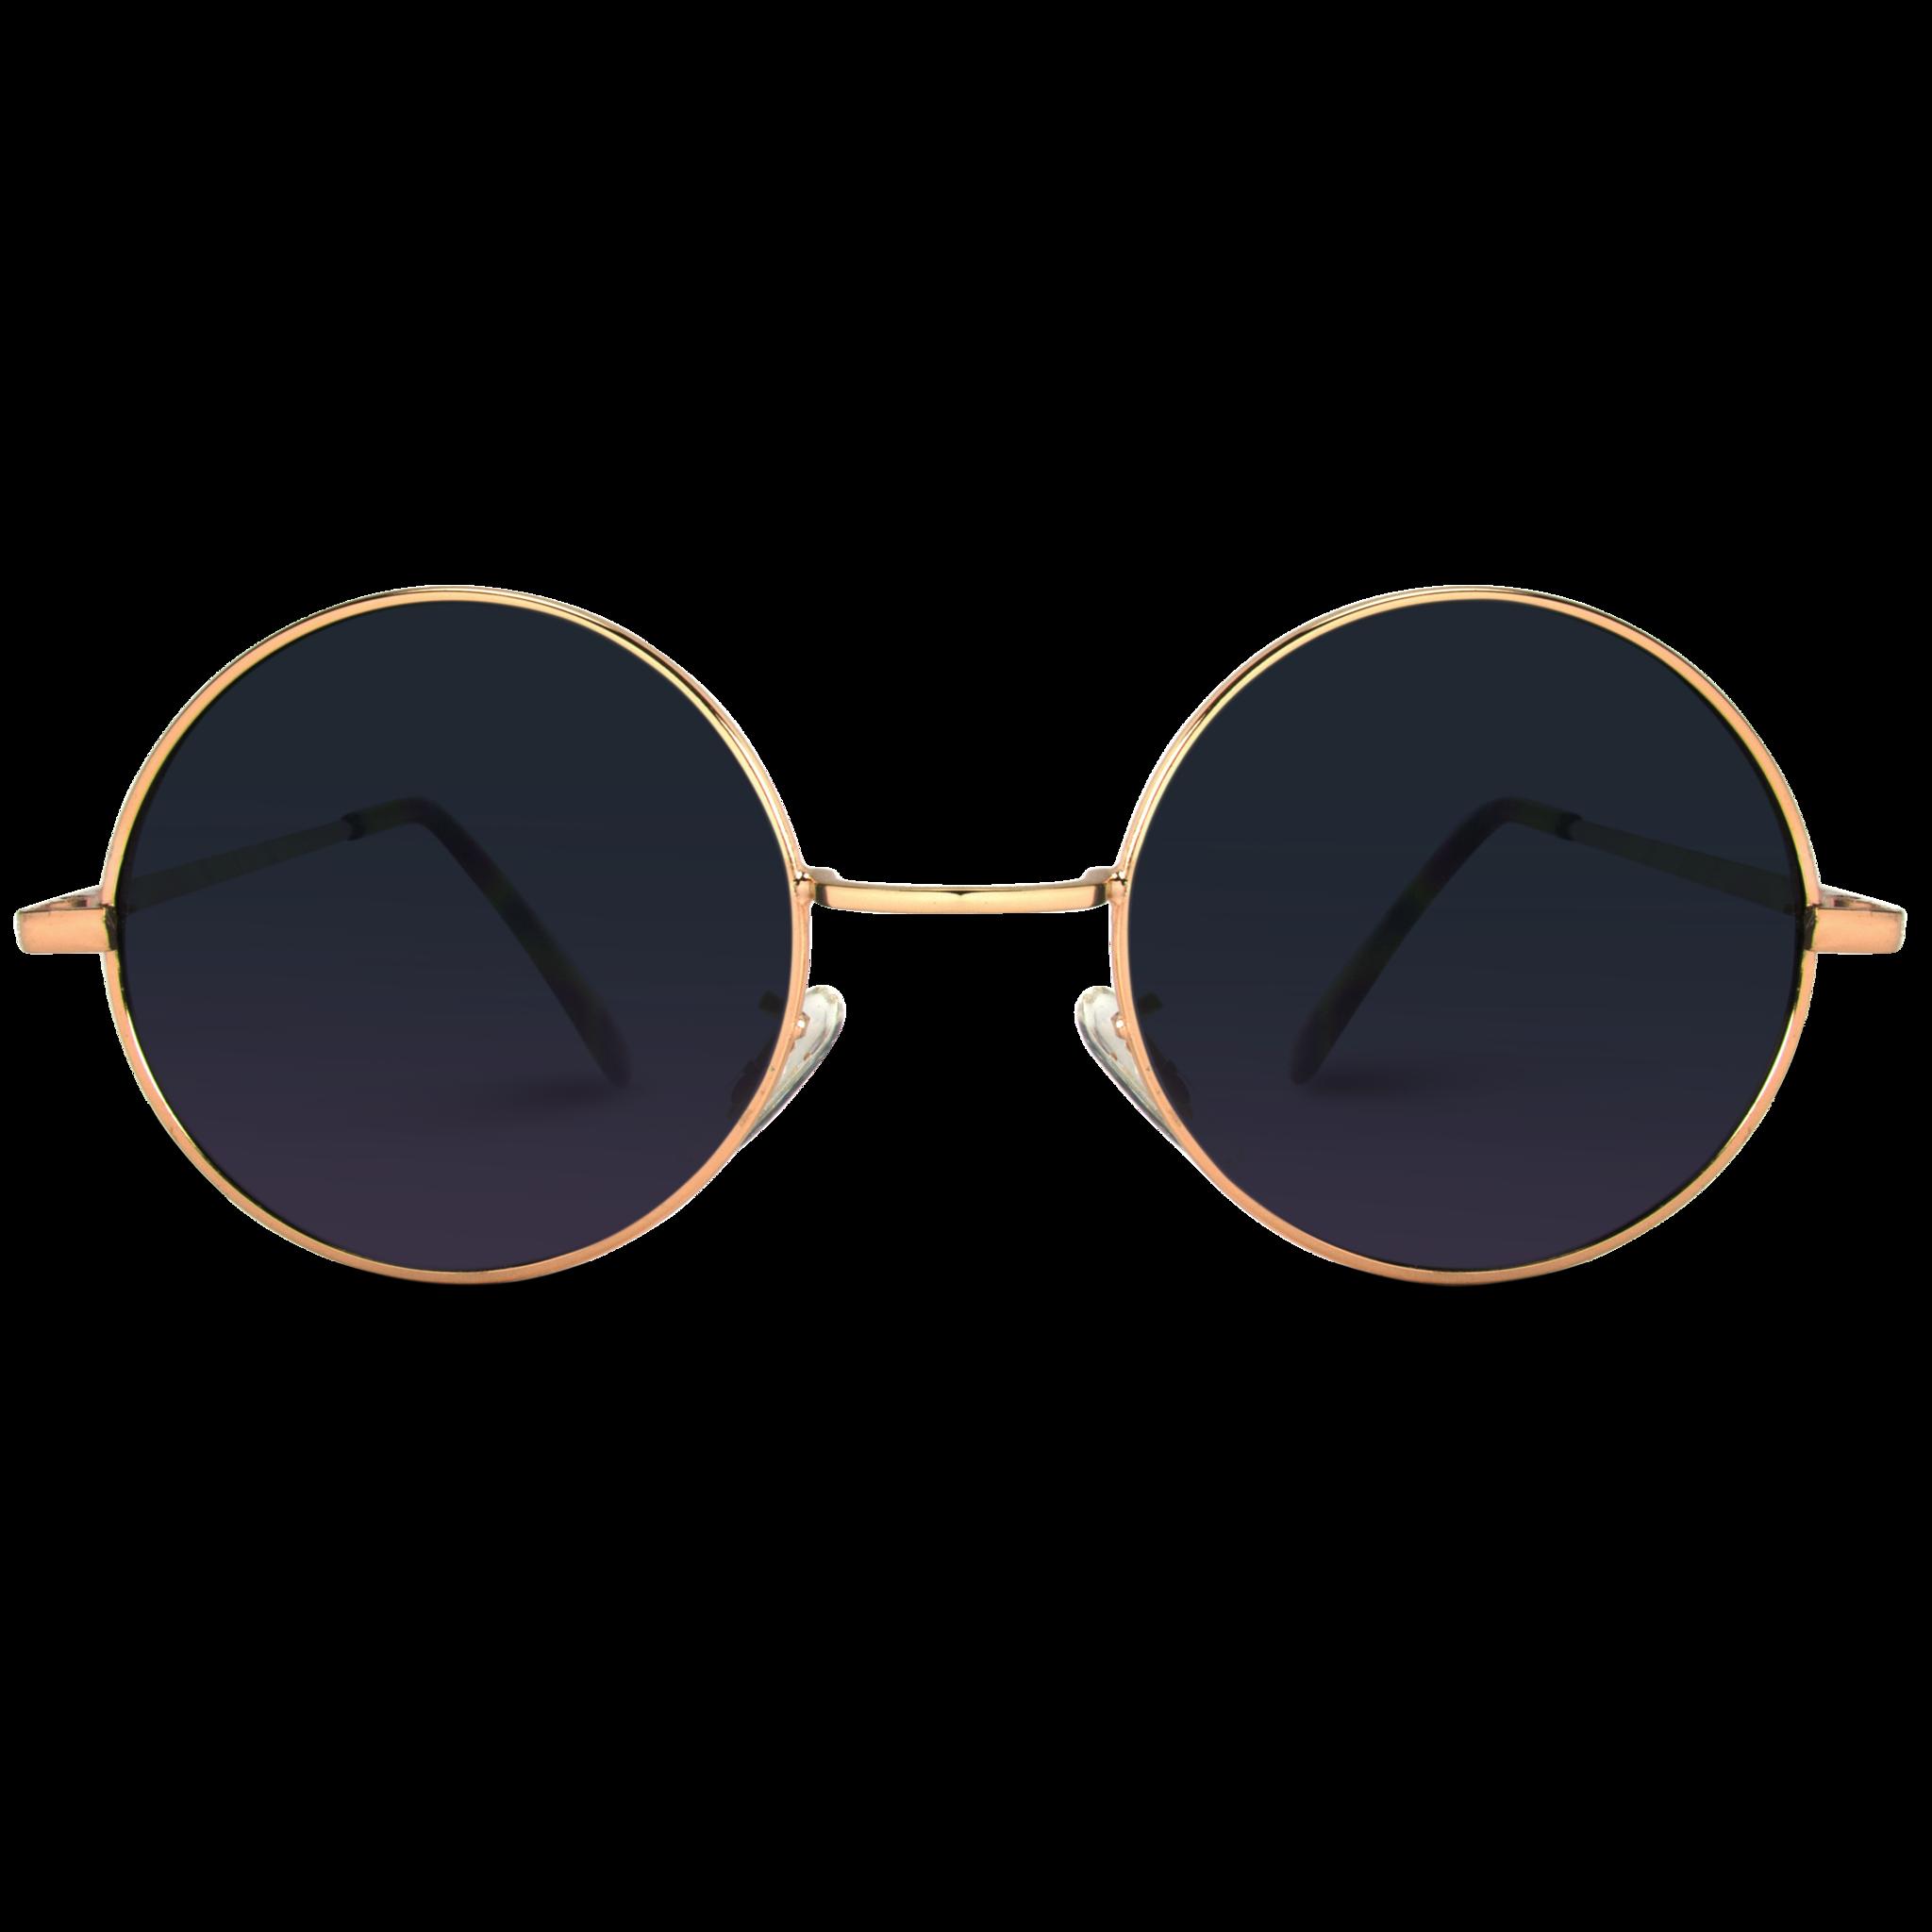 Pin By Shiva Tiwari On Foysal In 2021 Hippie Sunglasses Small Round Sunglasses Round Metal Sunglasses